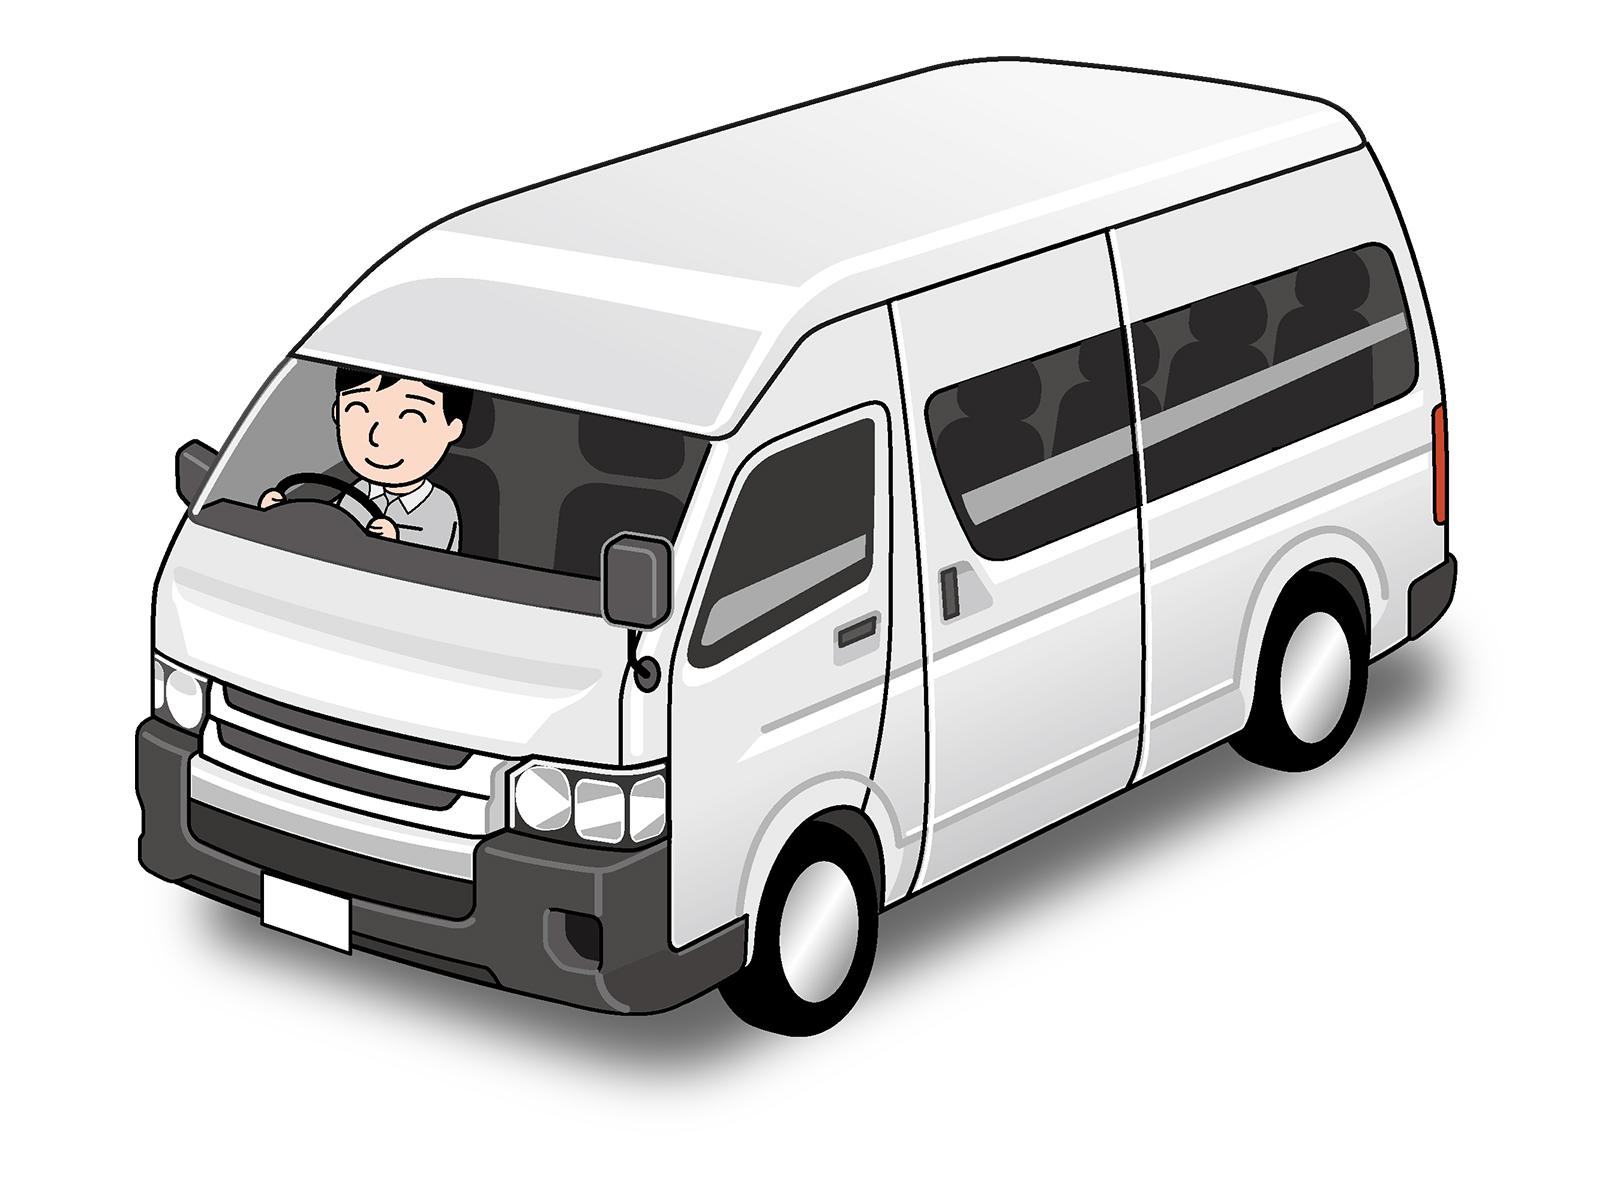 レンタカー.jpg